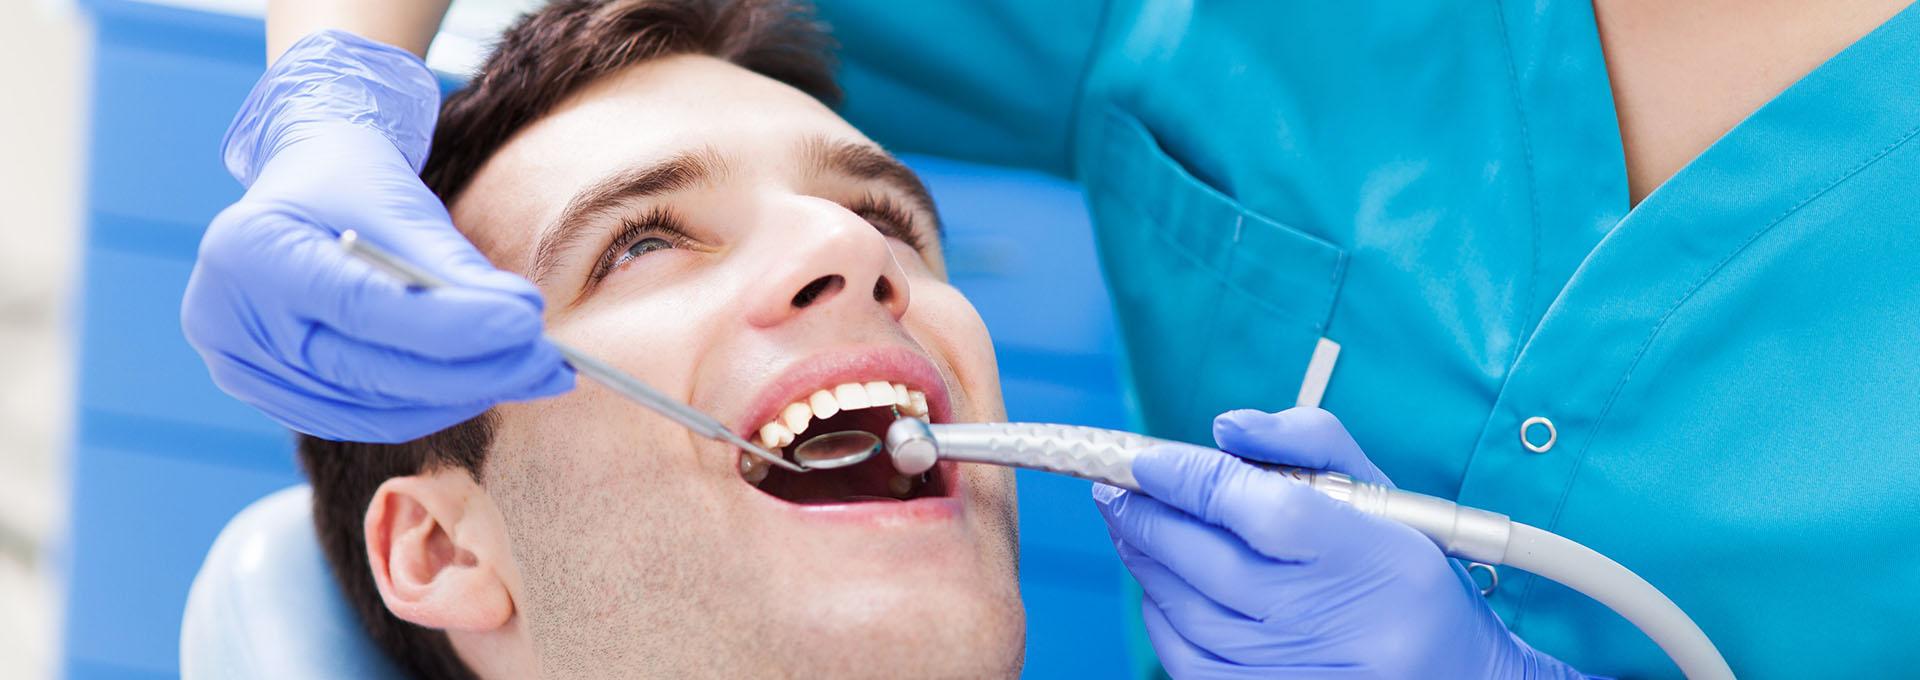 Здоровье Ваших зубов в Ваших руках